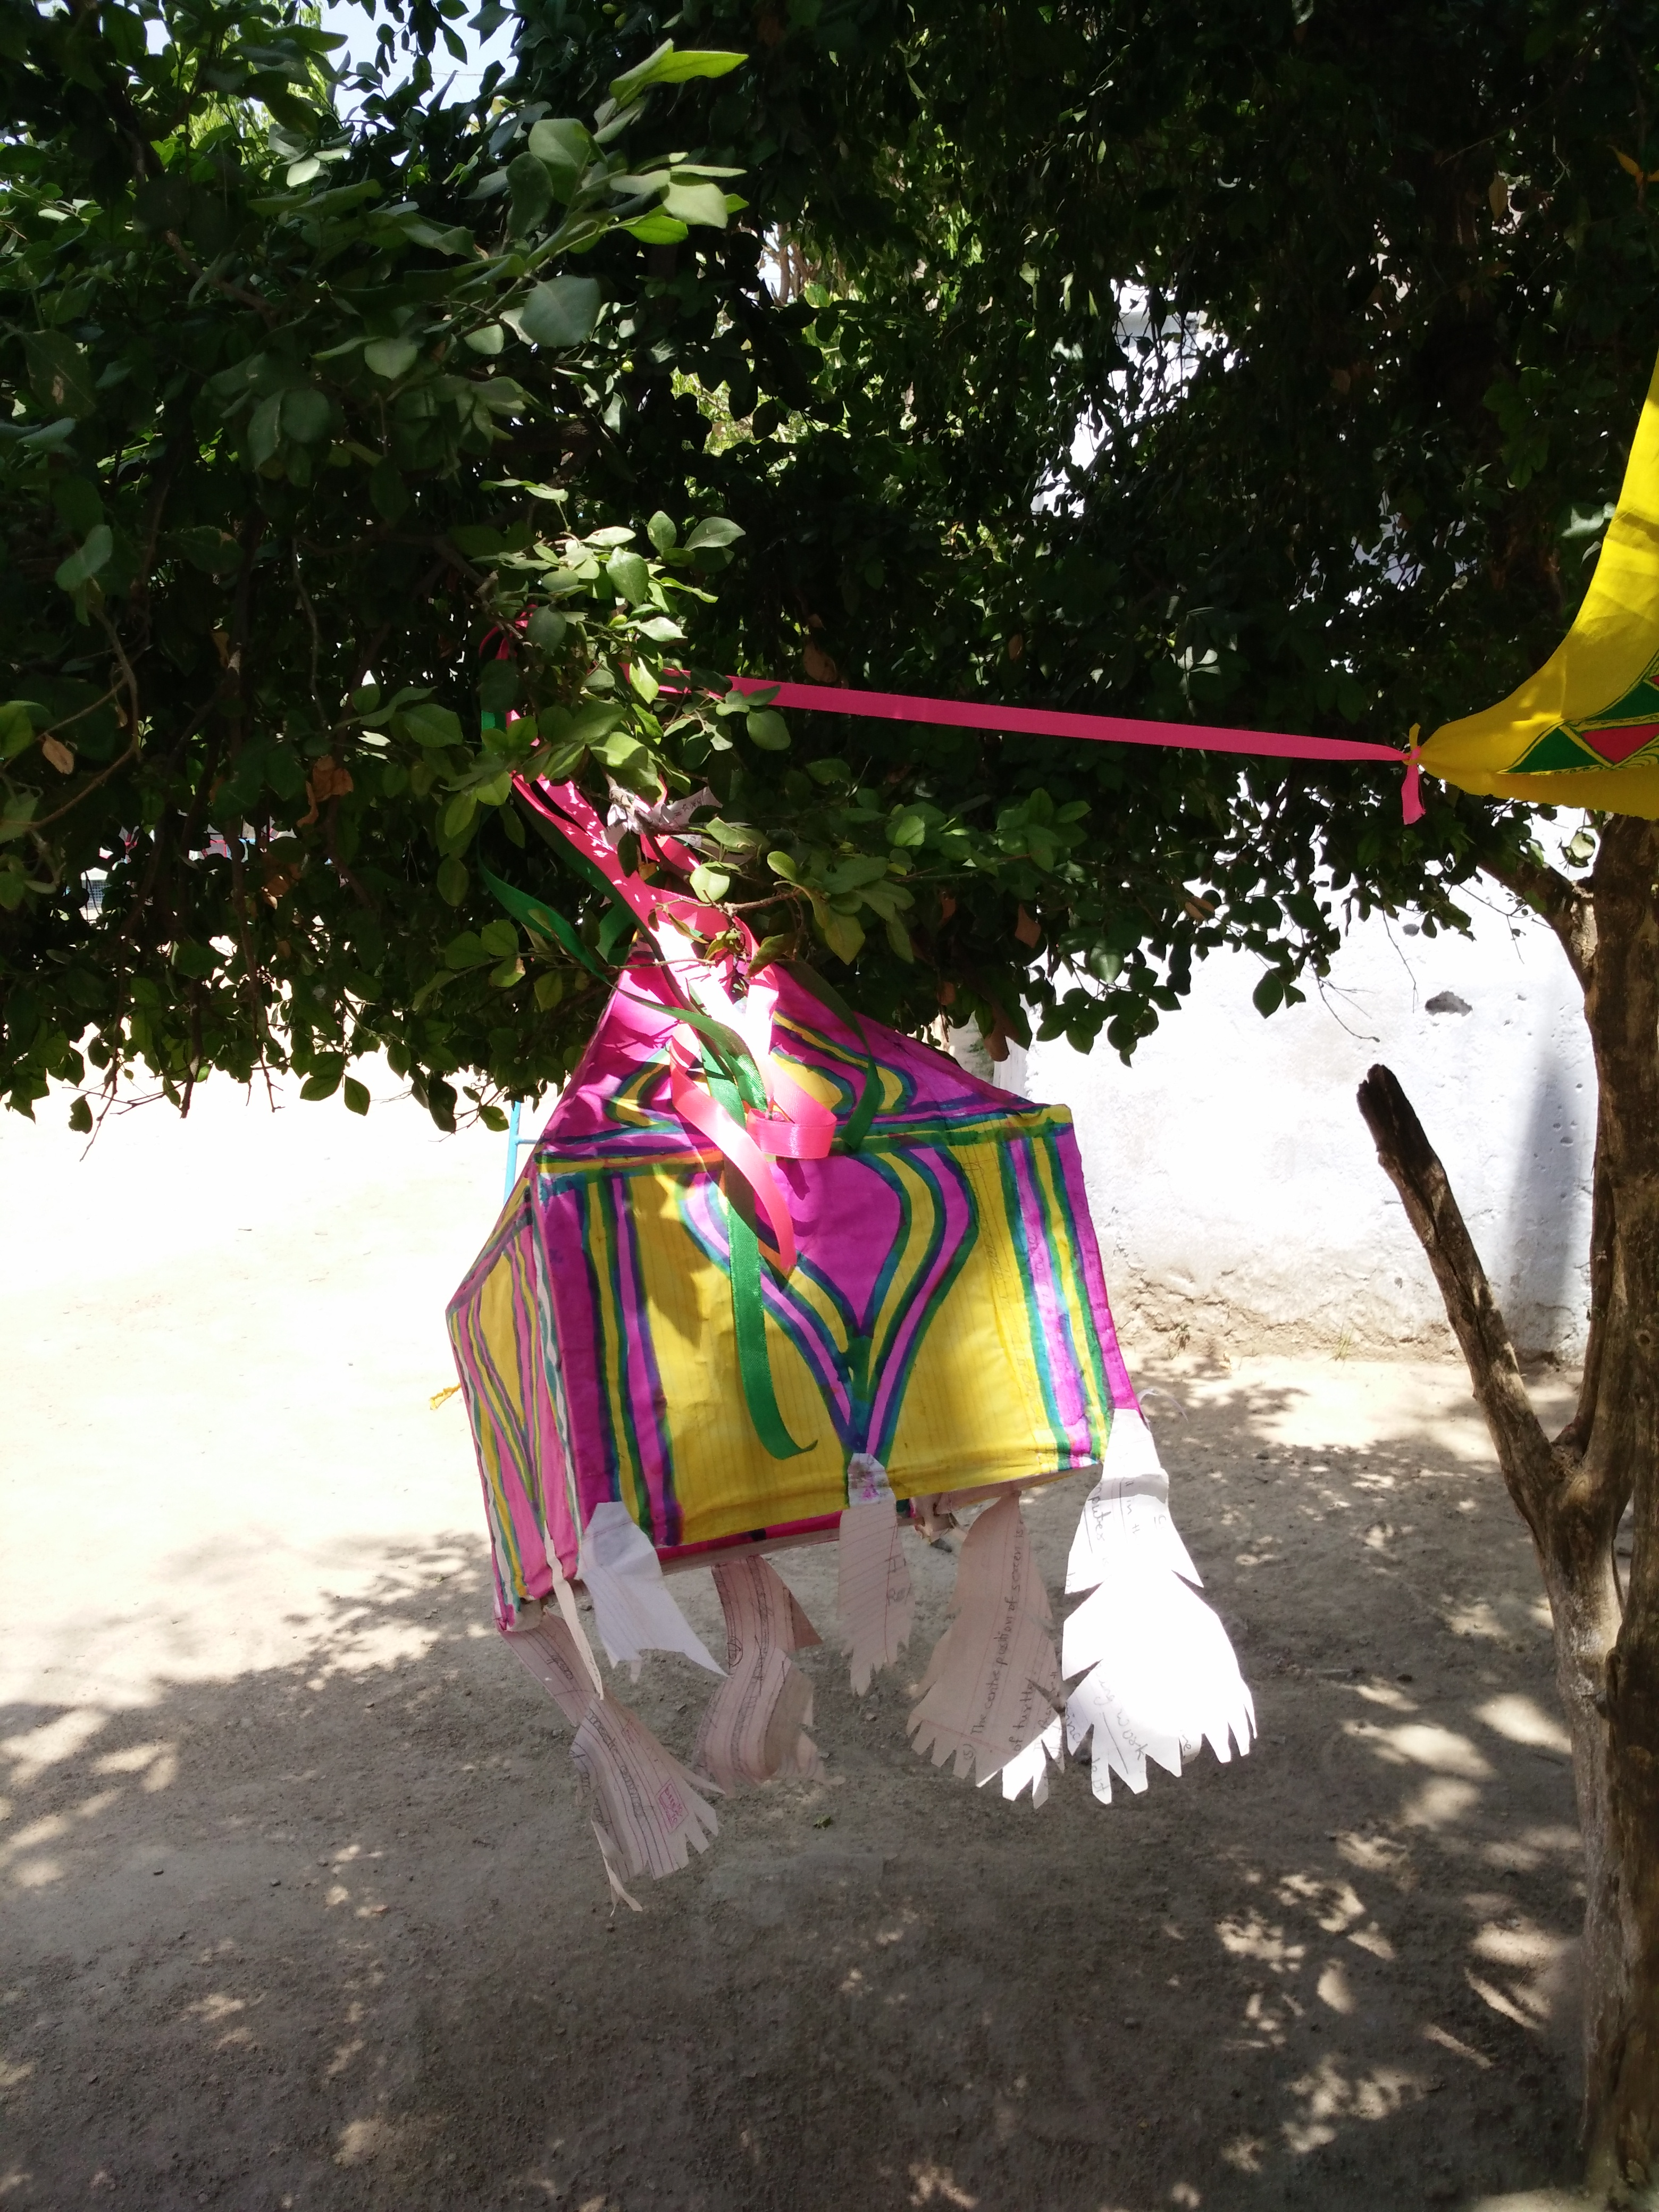 लोककला सांस्कृतिक महोत्सव का आयोजन